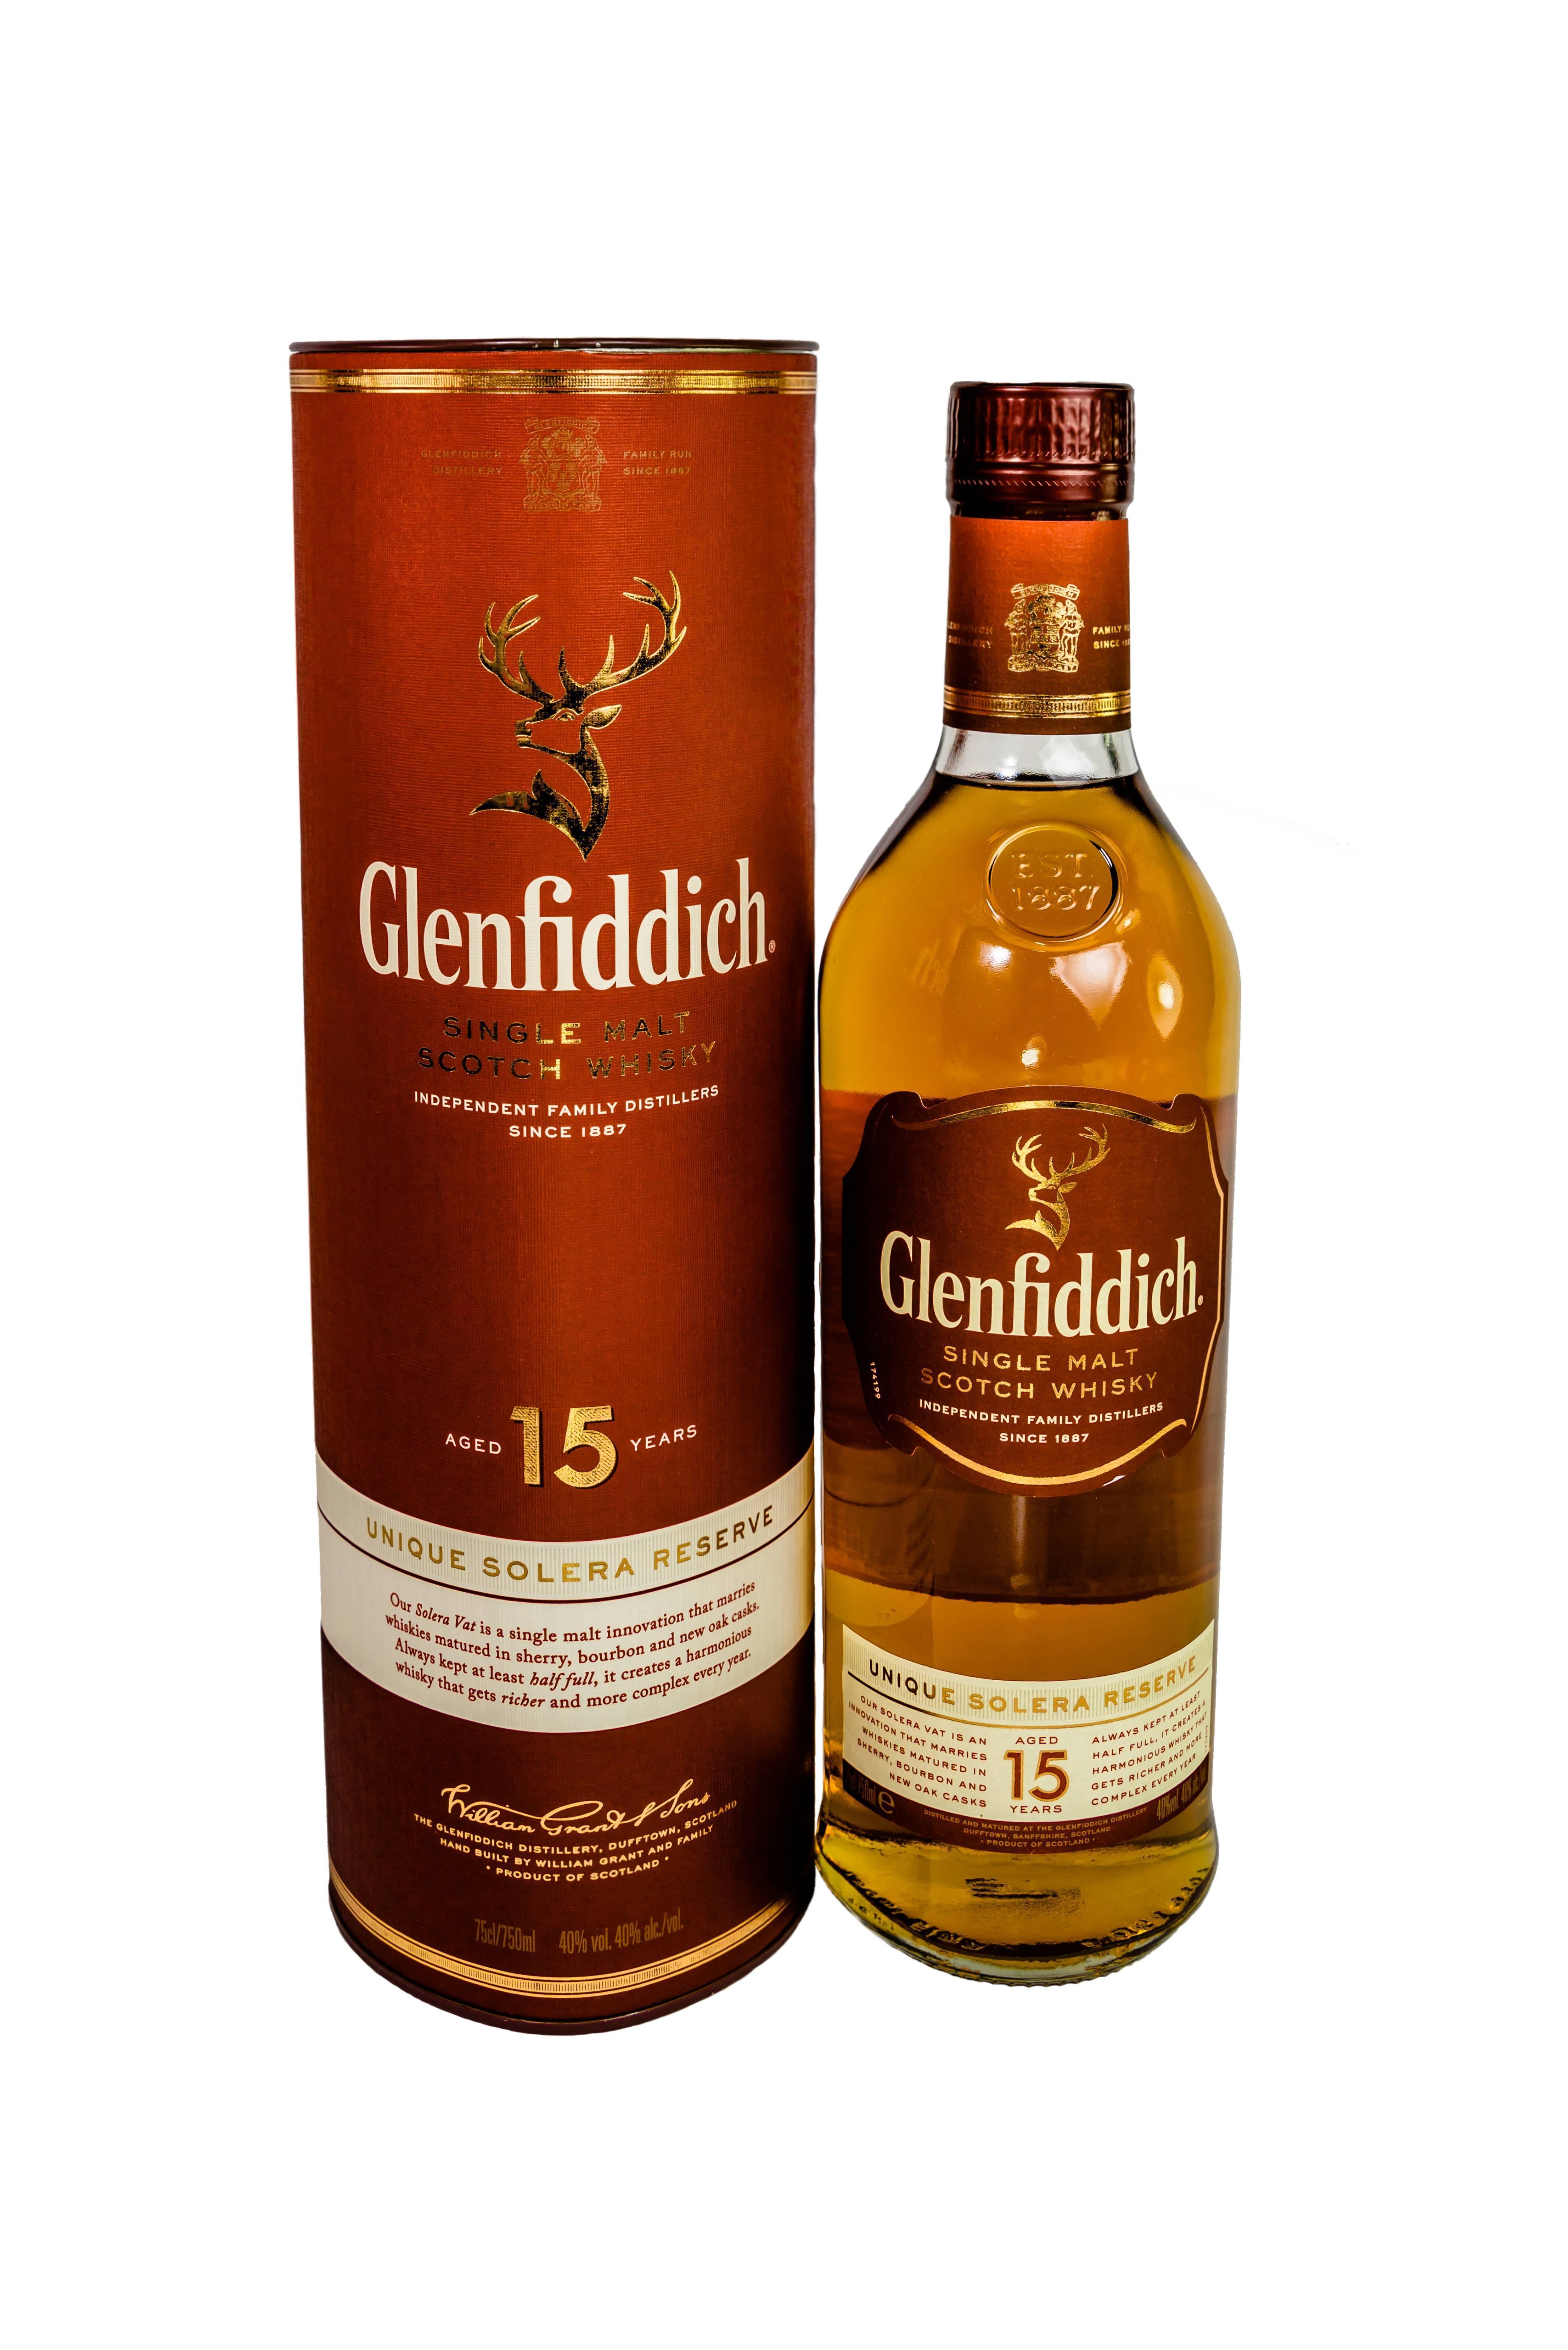 Виски гленфиддик (glenfiddich): история, виды, вкус, особенности и лучшие сочетания виски (110 фото и видео)